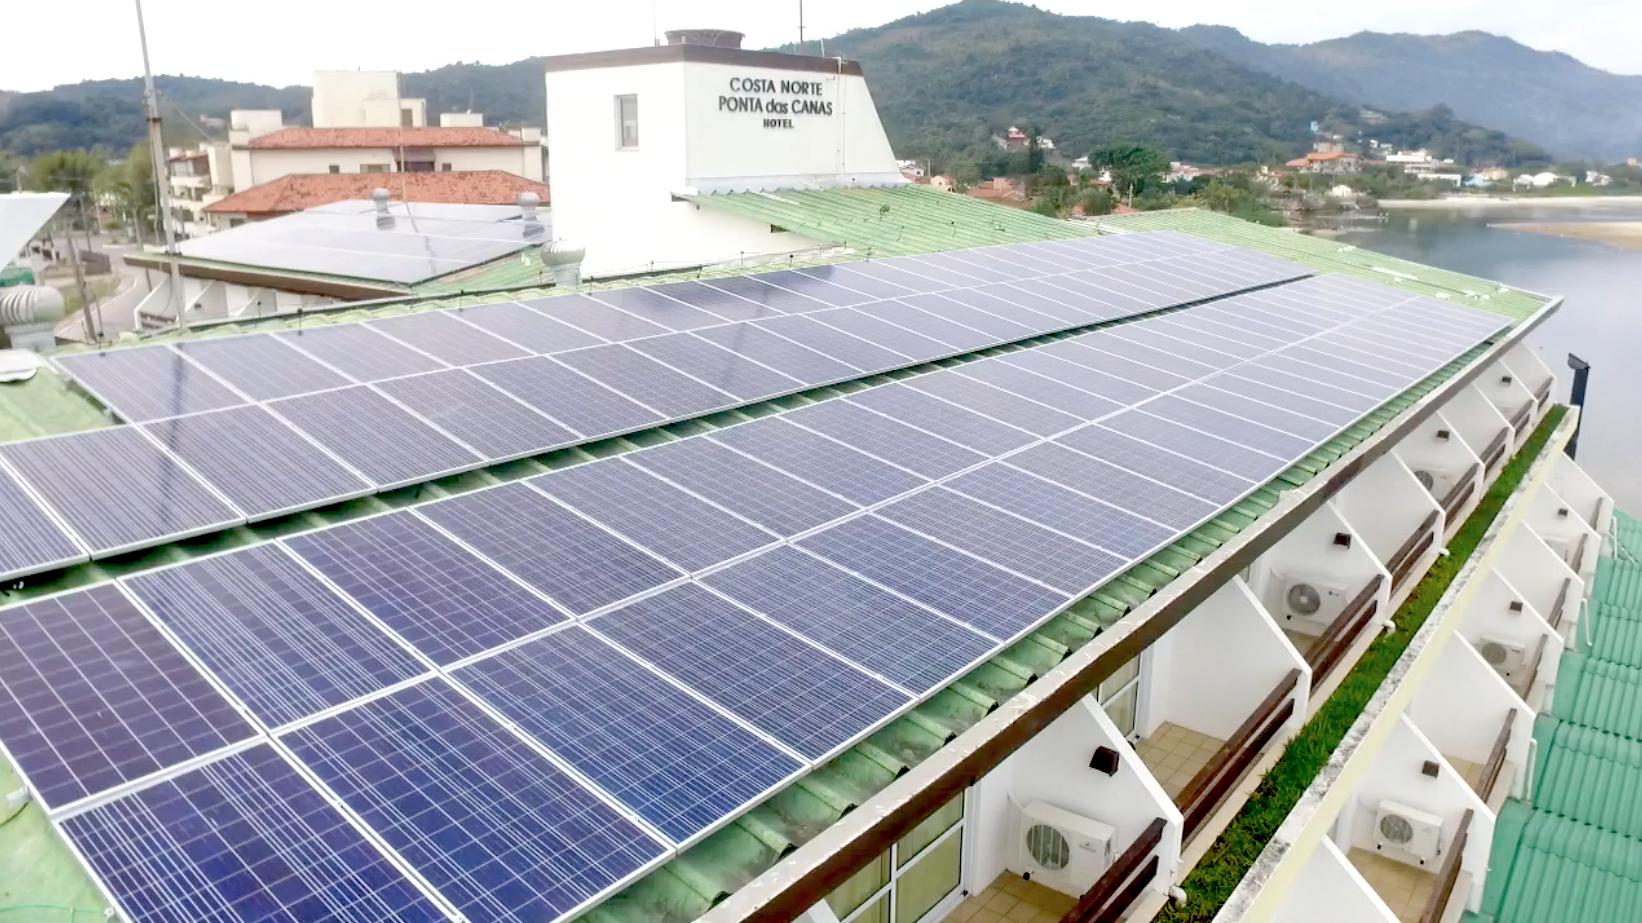 hotel-costa-norte-projeto-solar